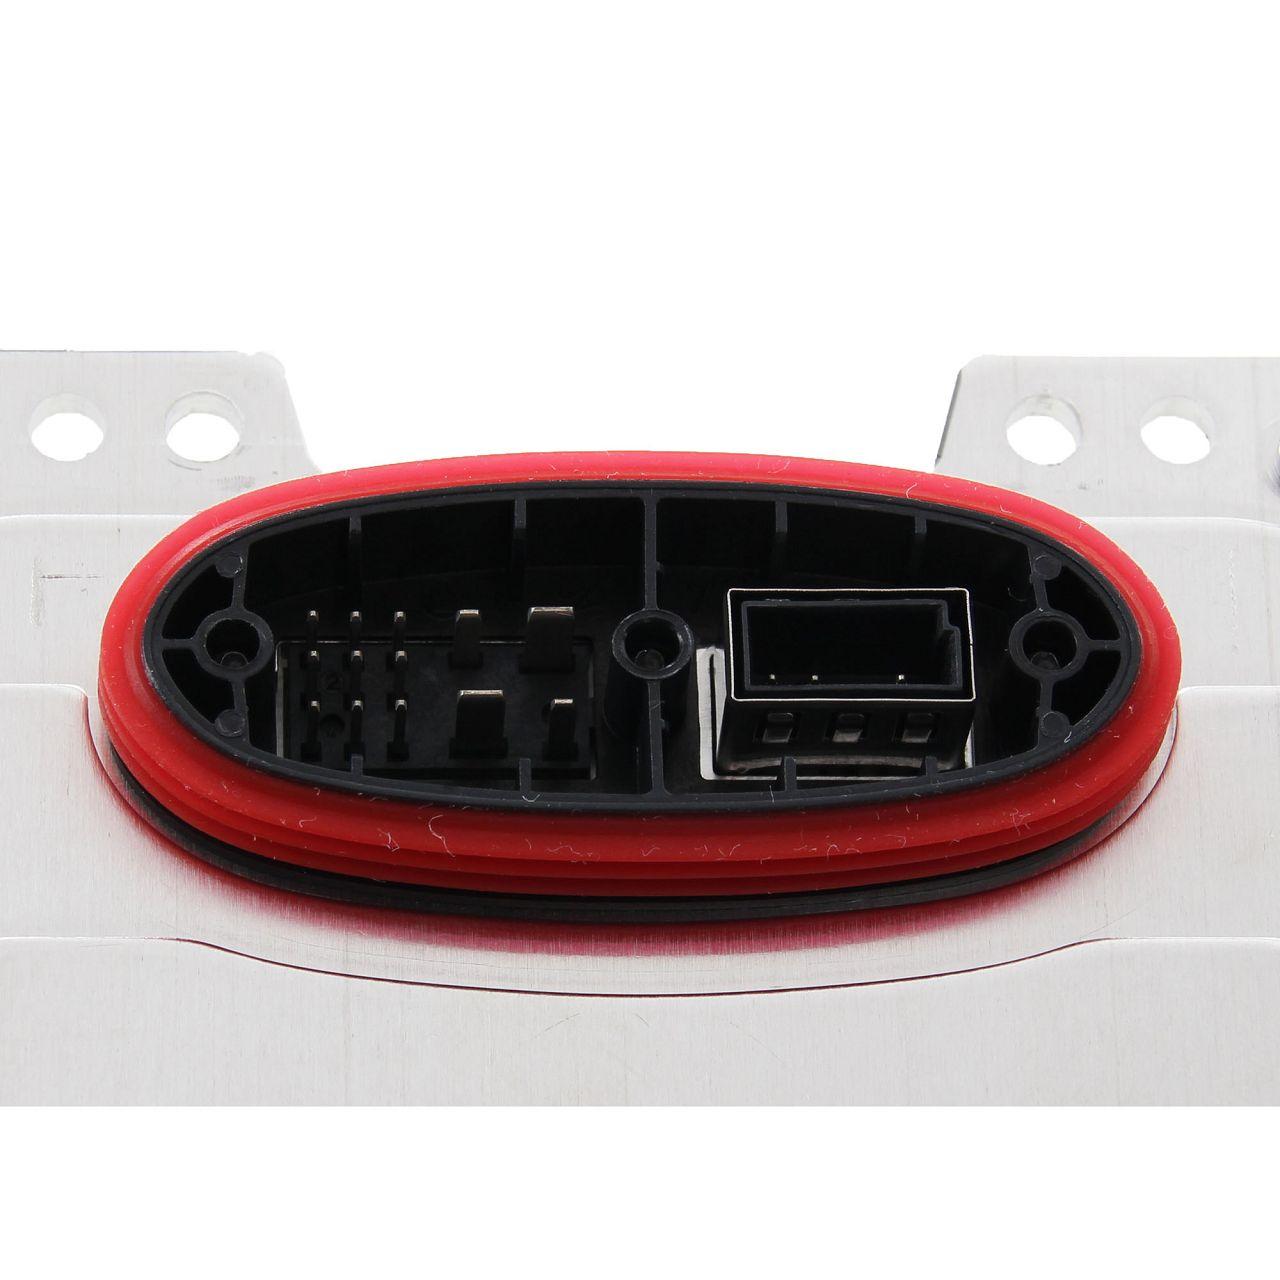 HELLA Vorschaltgerät Kurvenlicht-Scheinwerfer für MERCEDES W211 S211 ab 06.2006